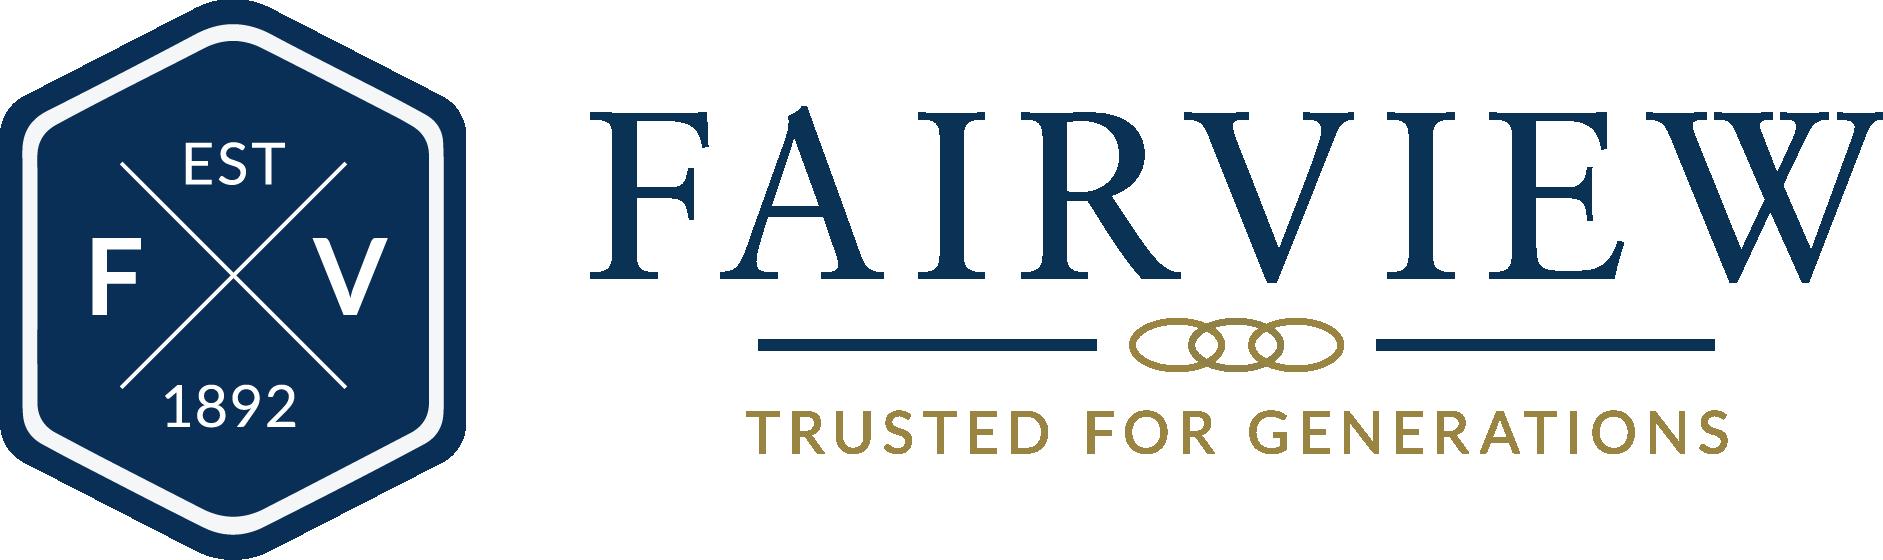 Fairview Retirement Community